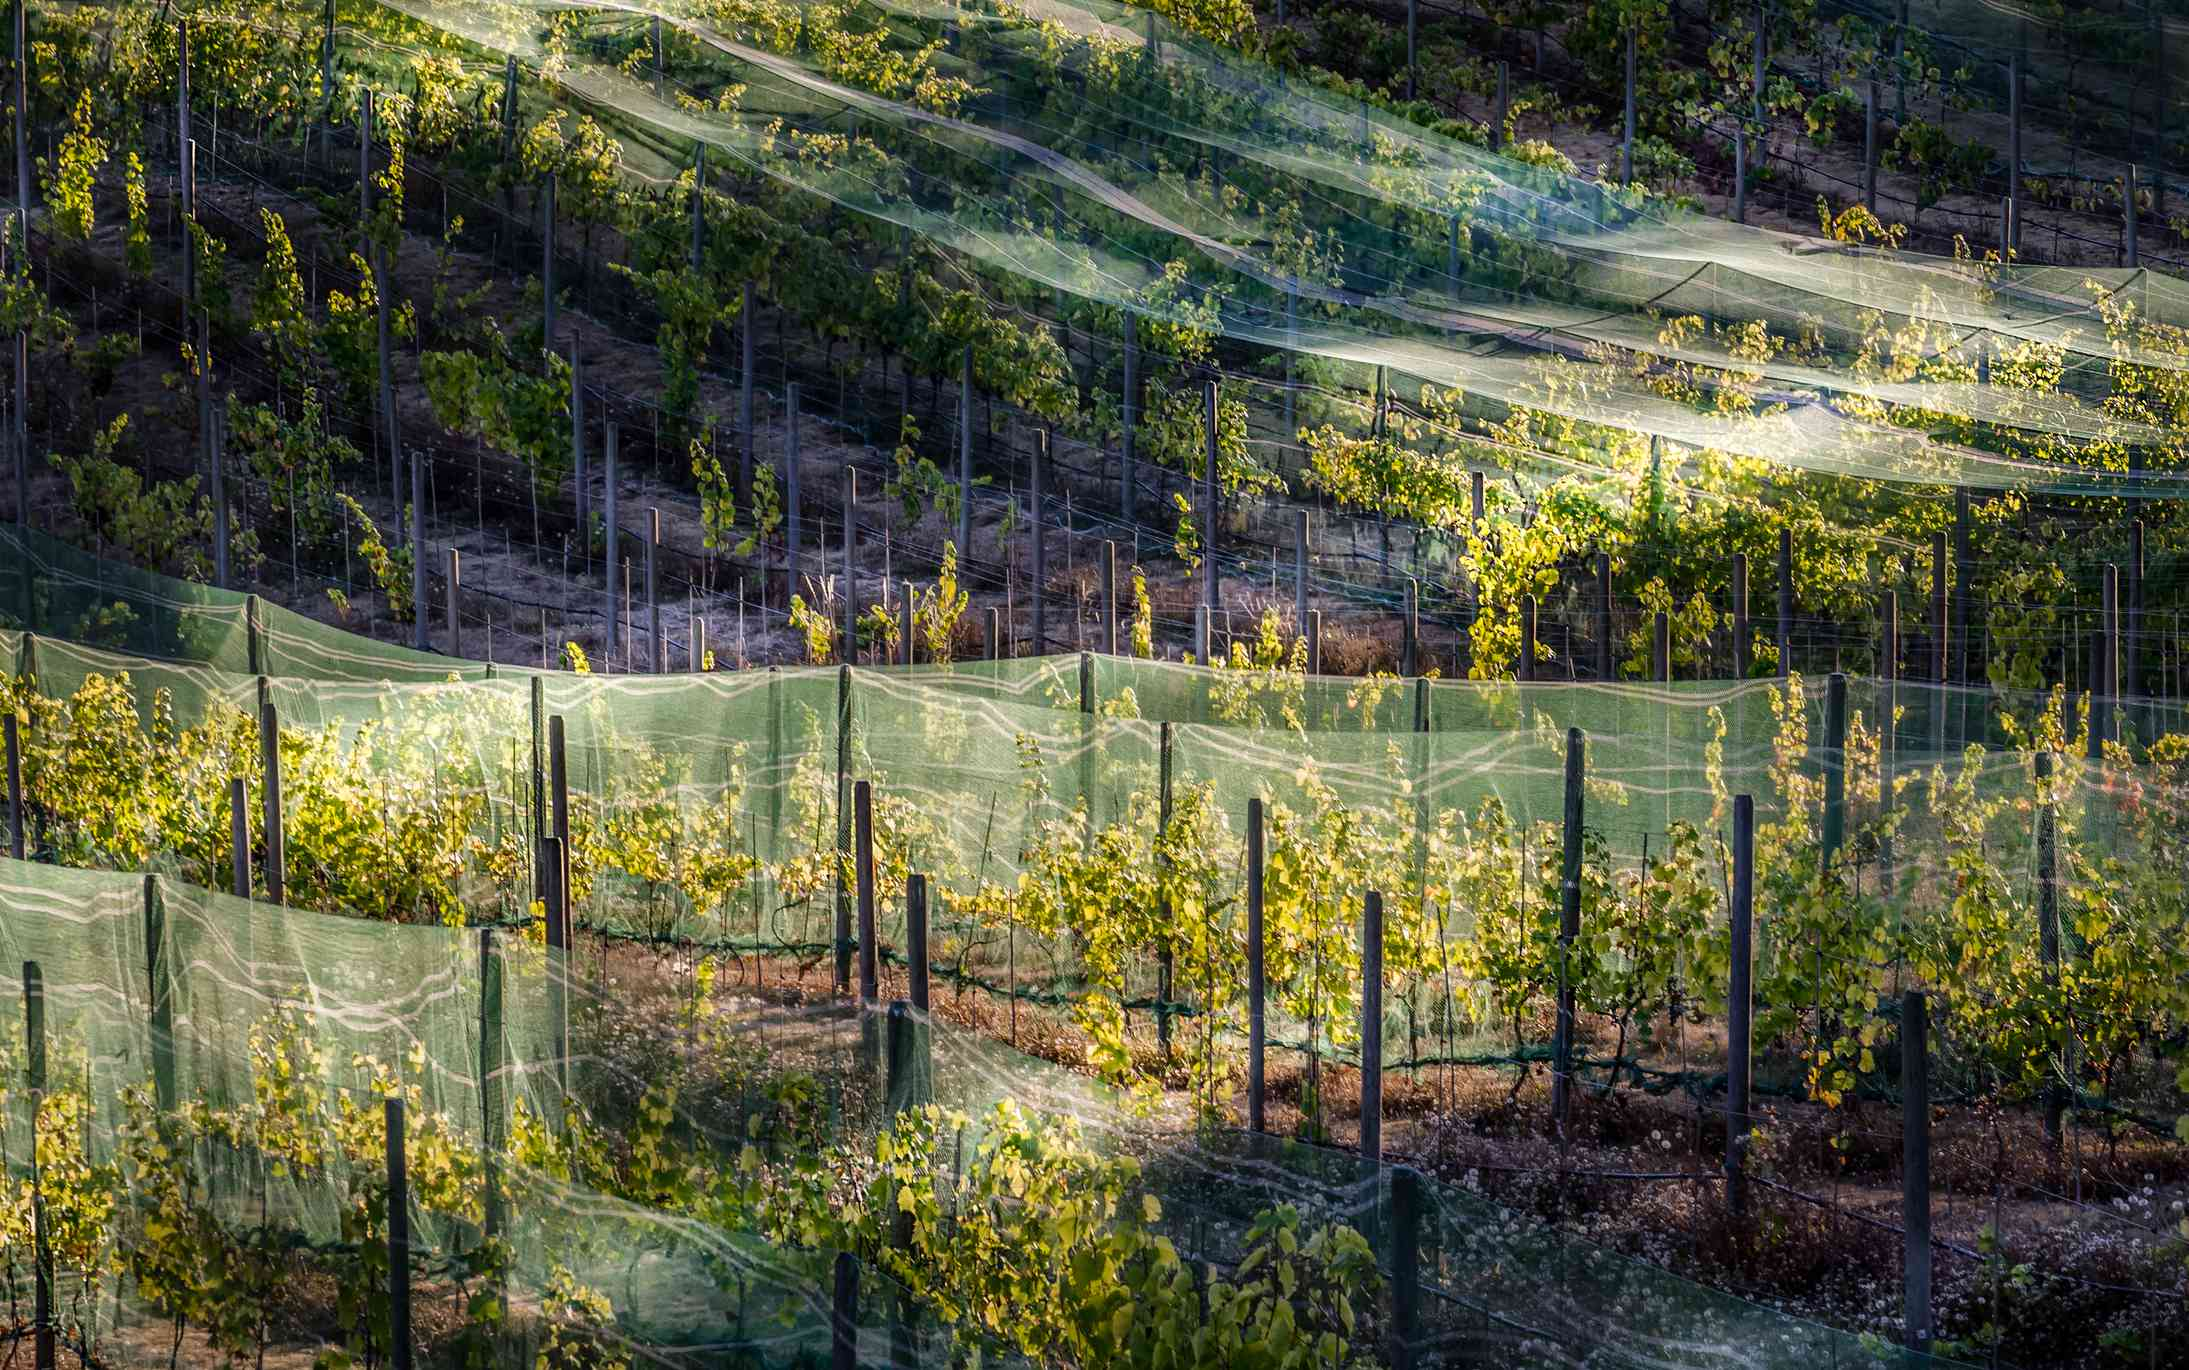 Cowichan Valley vineyard